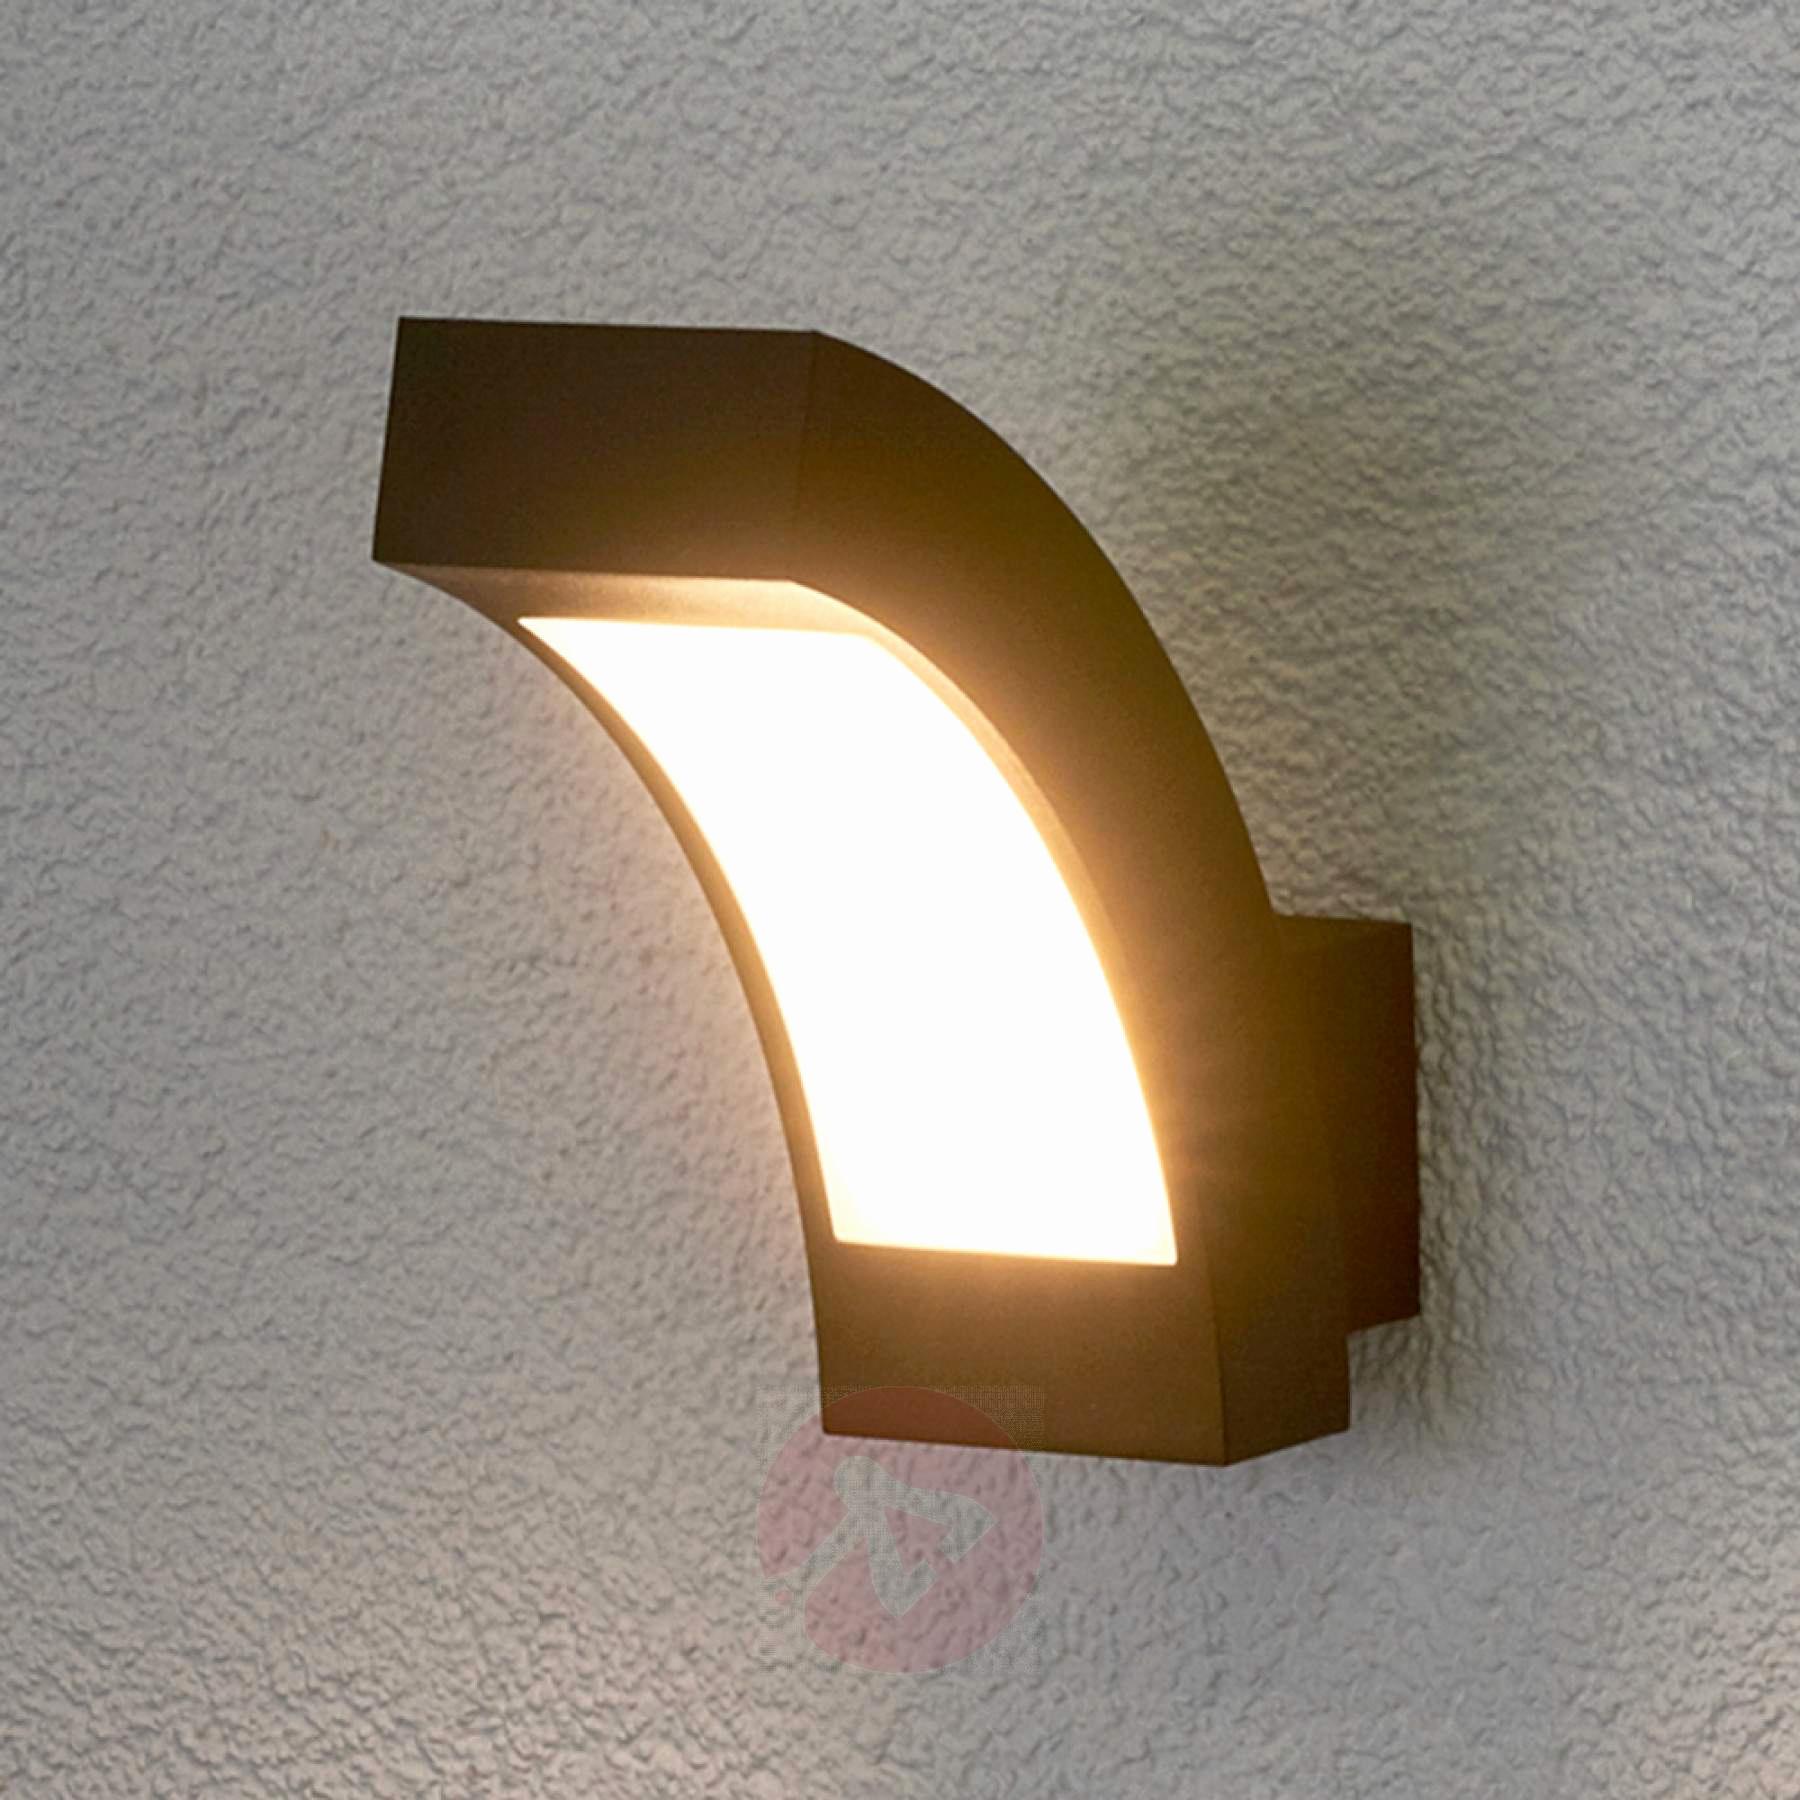 Applique Murale Salle De Bain Leroy Merlin Élégant Photos 20 élégant Leroy Merlin Luminaires Extérieurs